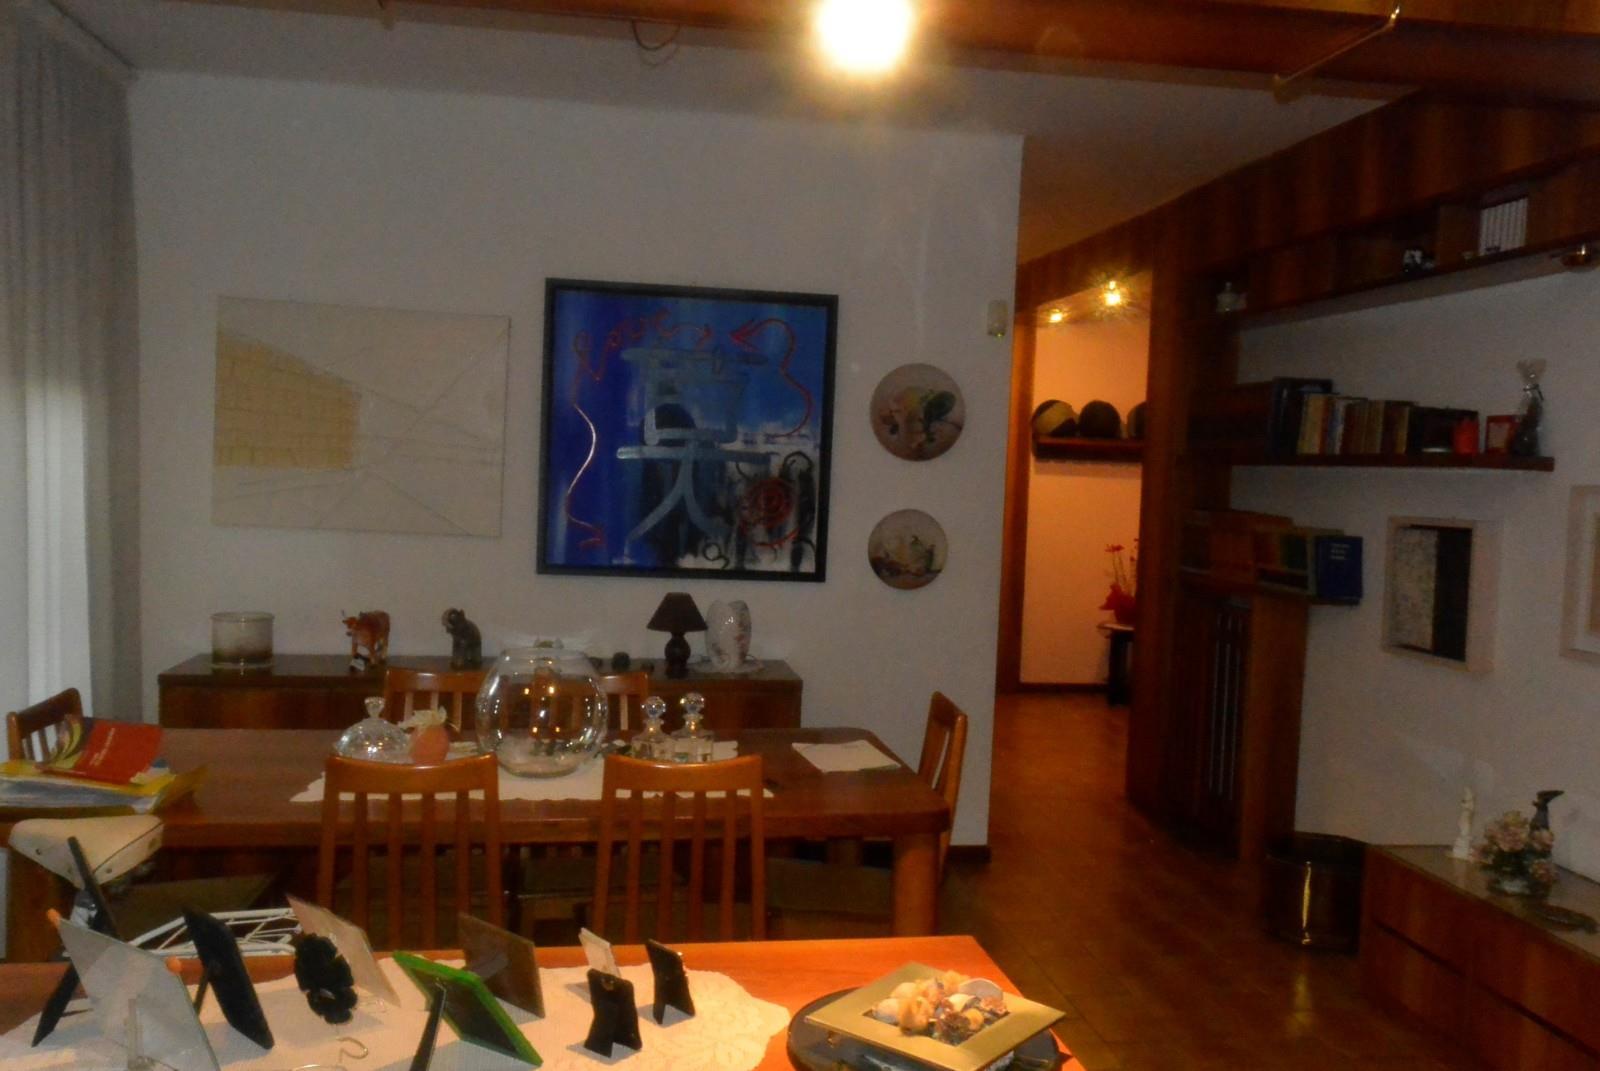 Foto 6 - Appartamento in Vendita - Meda (Monza e Brianza)